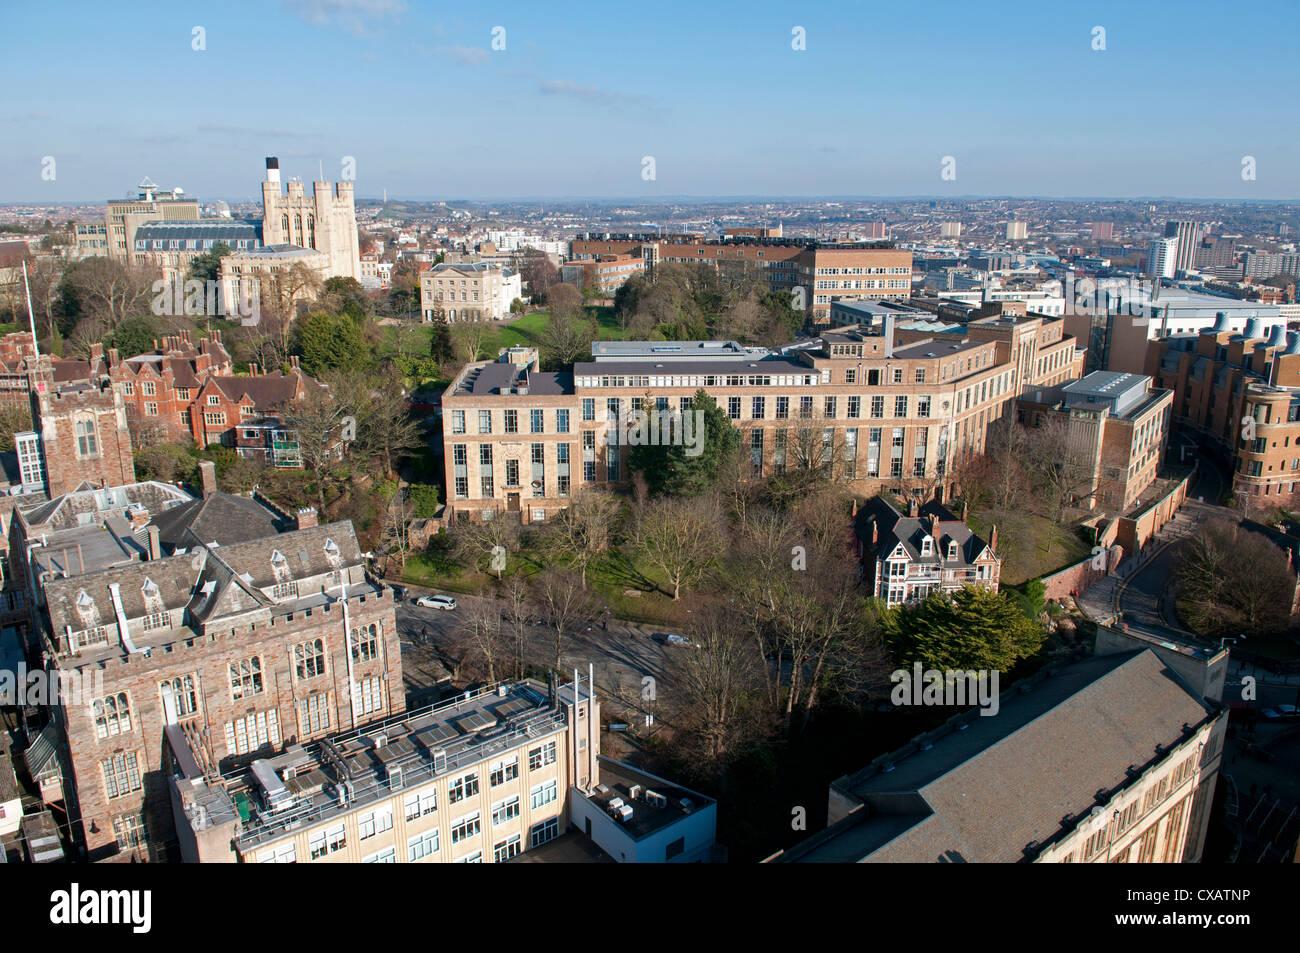 University area, Bristol, England, United Kingdom, Europe - Stock Image